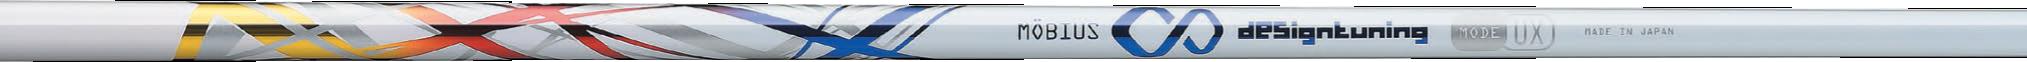 MöBIUS Designtuning UX (ユーティリティー用/1フレックス仕様)